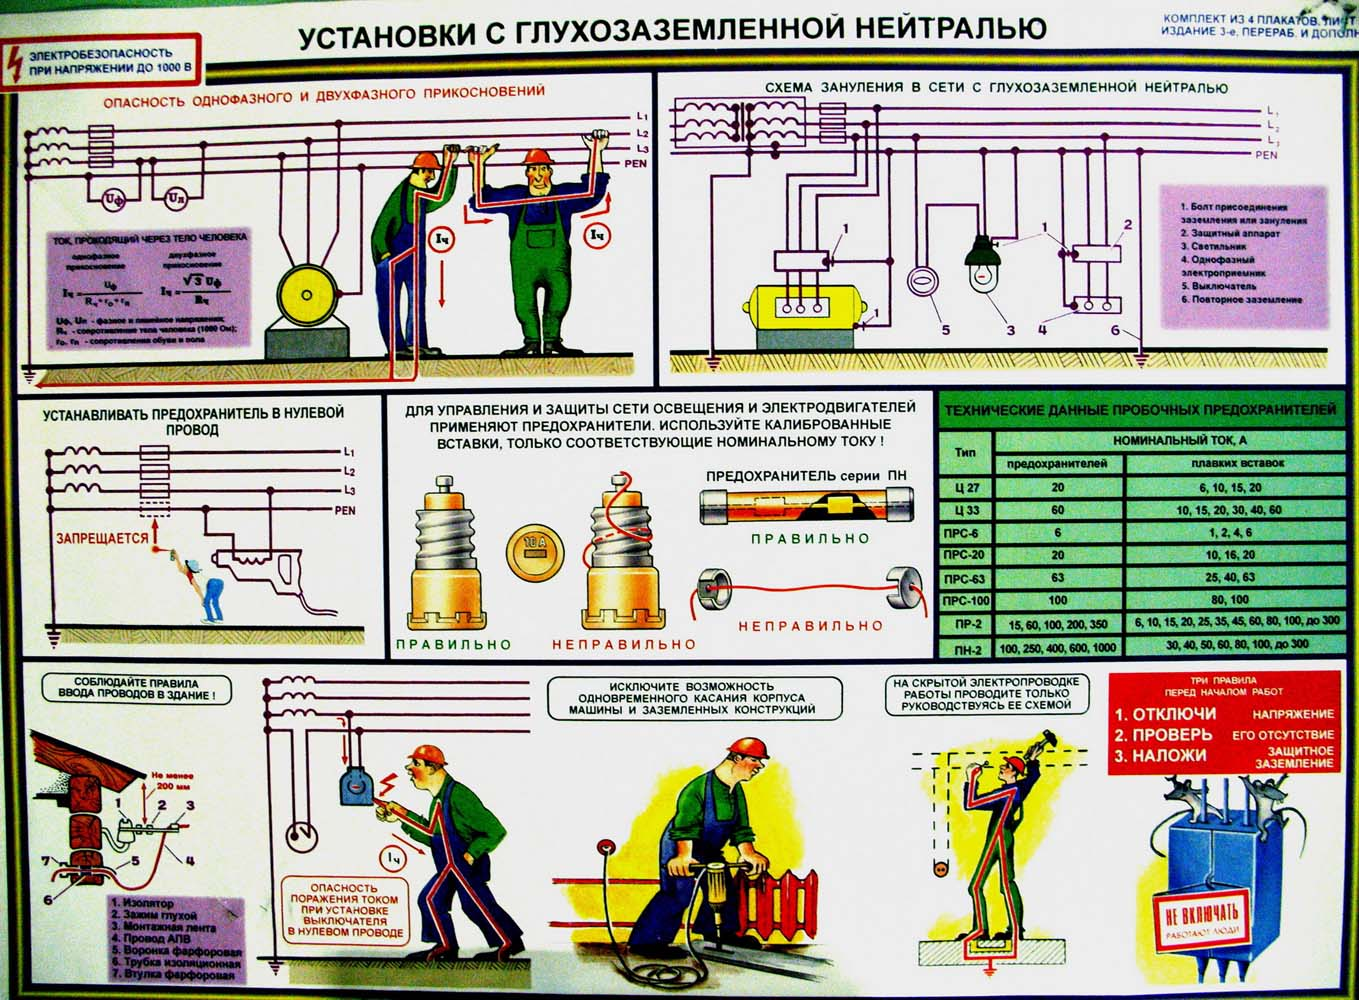 Пс08 безопасность труда при металлообработке (пластик, а2, 5 листов) в городском поселение вольск